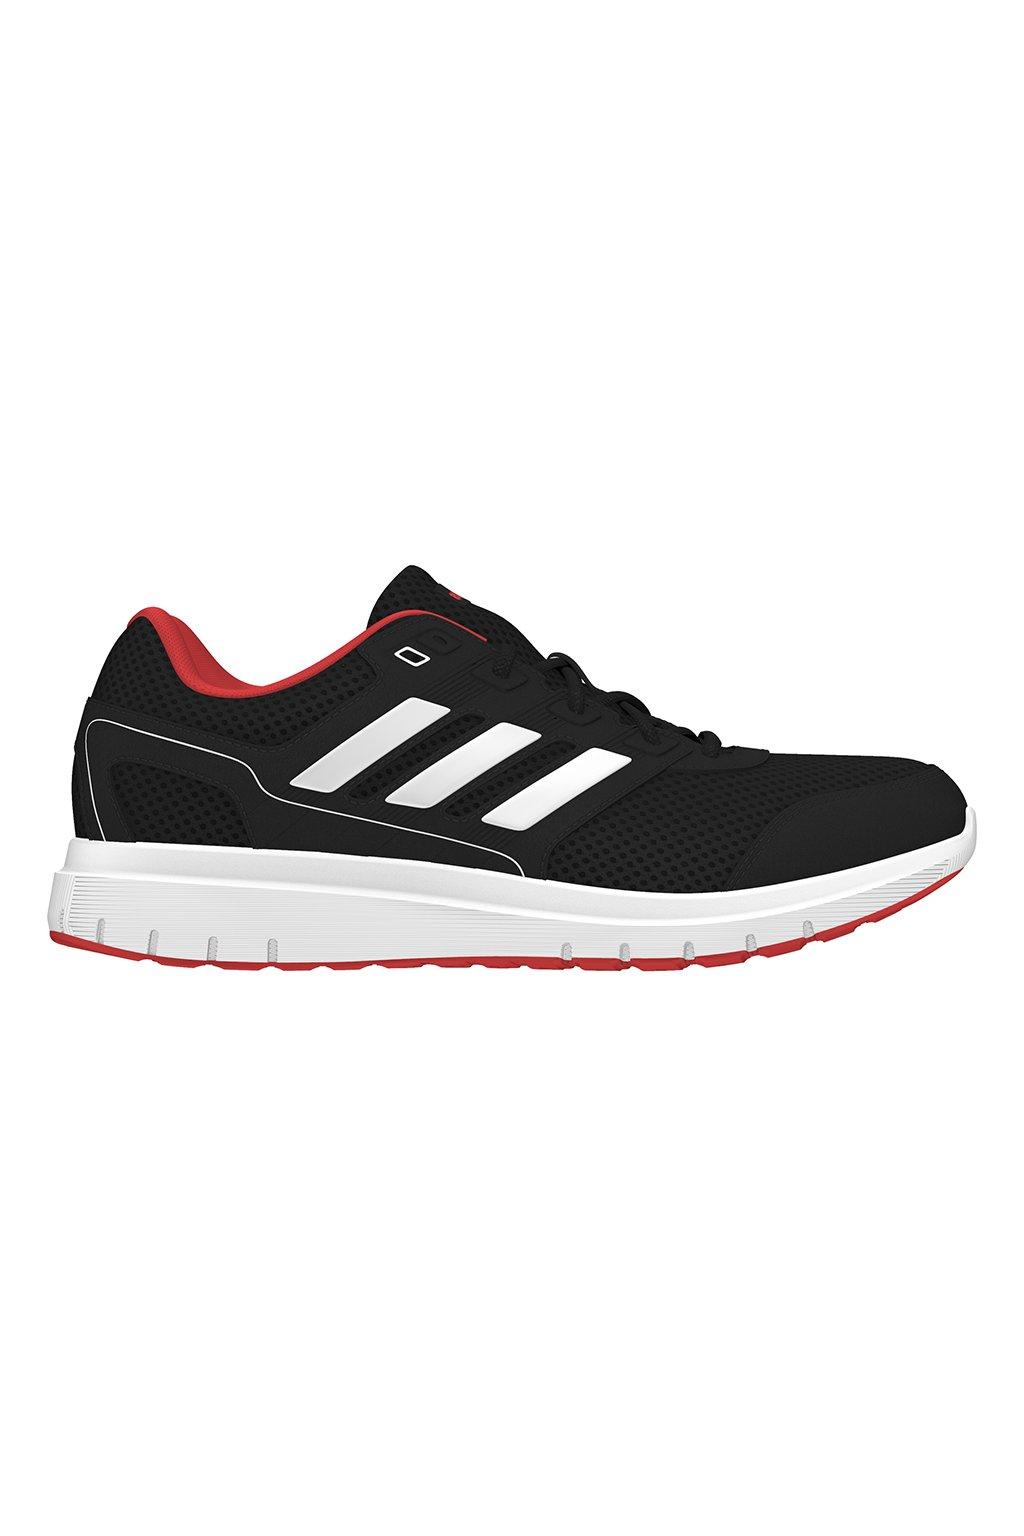 Pánske tenisky Adidas Duramo Lite 2.0 čierno biele FV6058